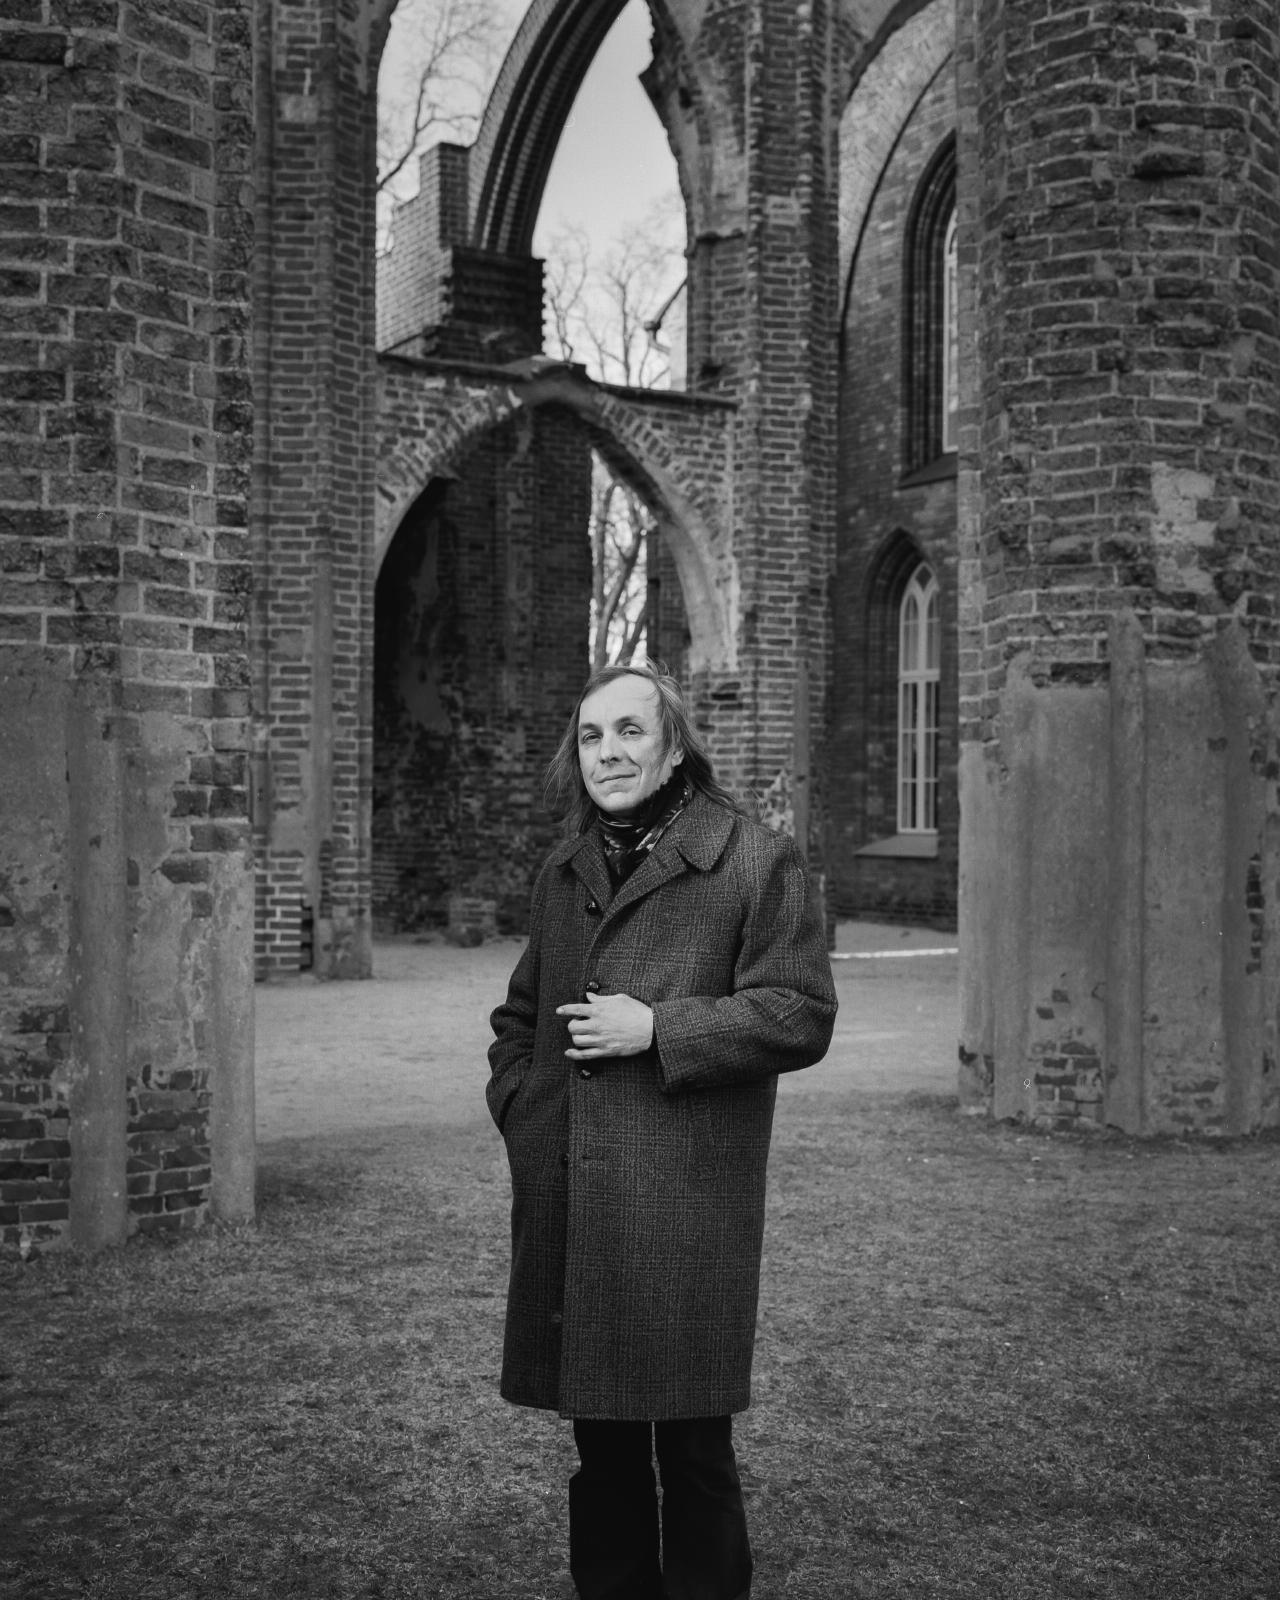 Foto: Aleksander Kelpman